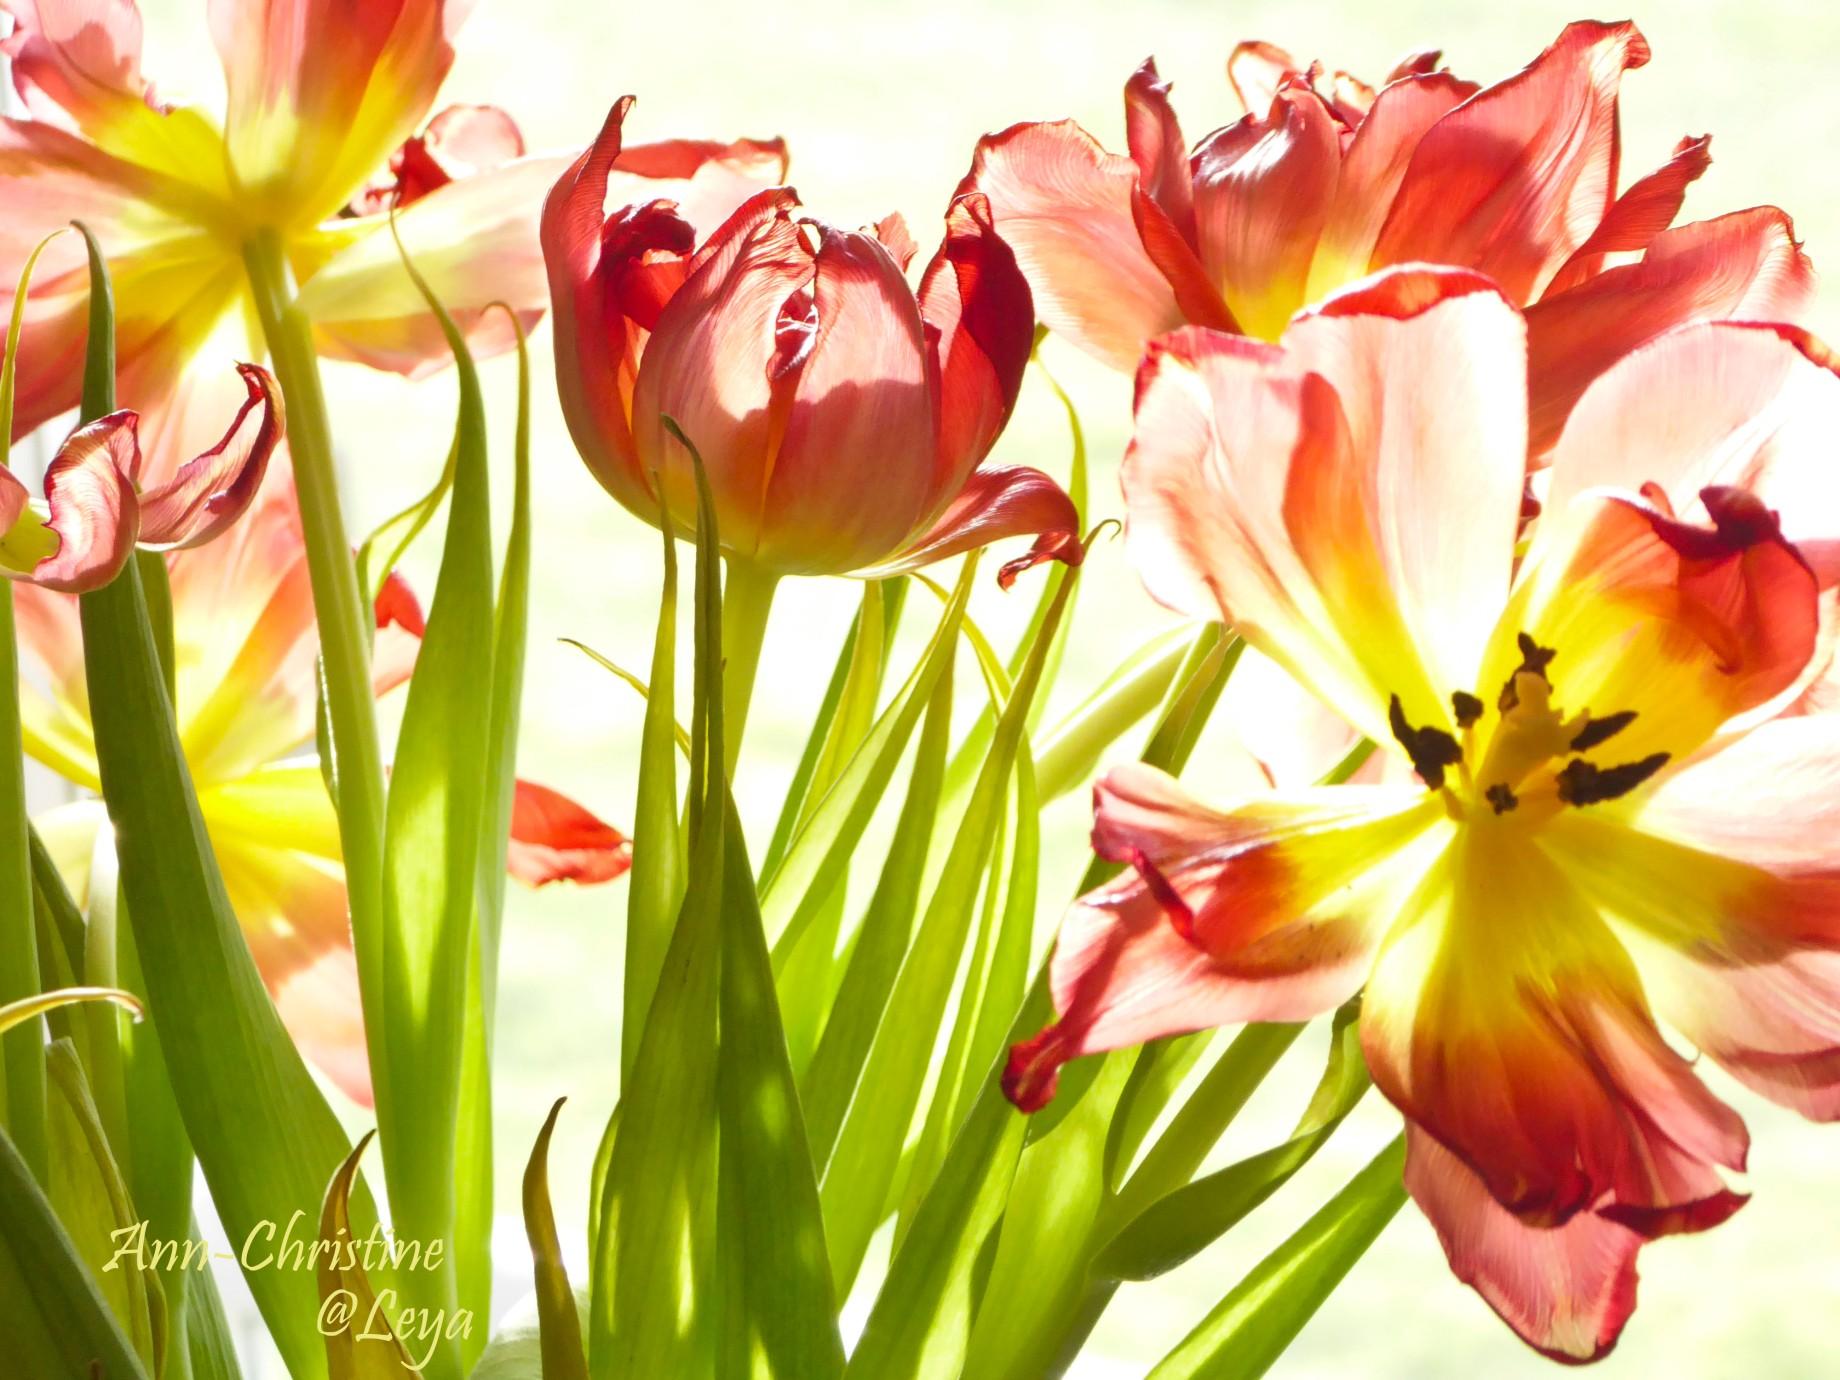 Högdagerbilder på husets blomning 232_copy